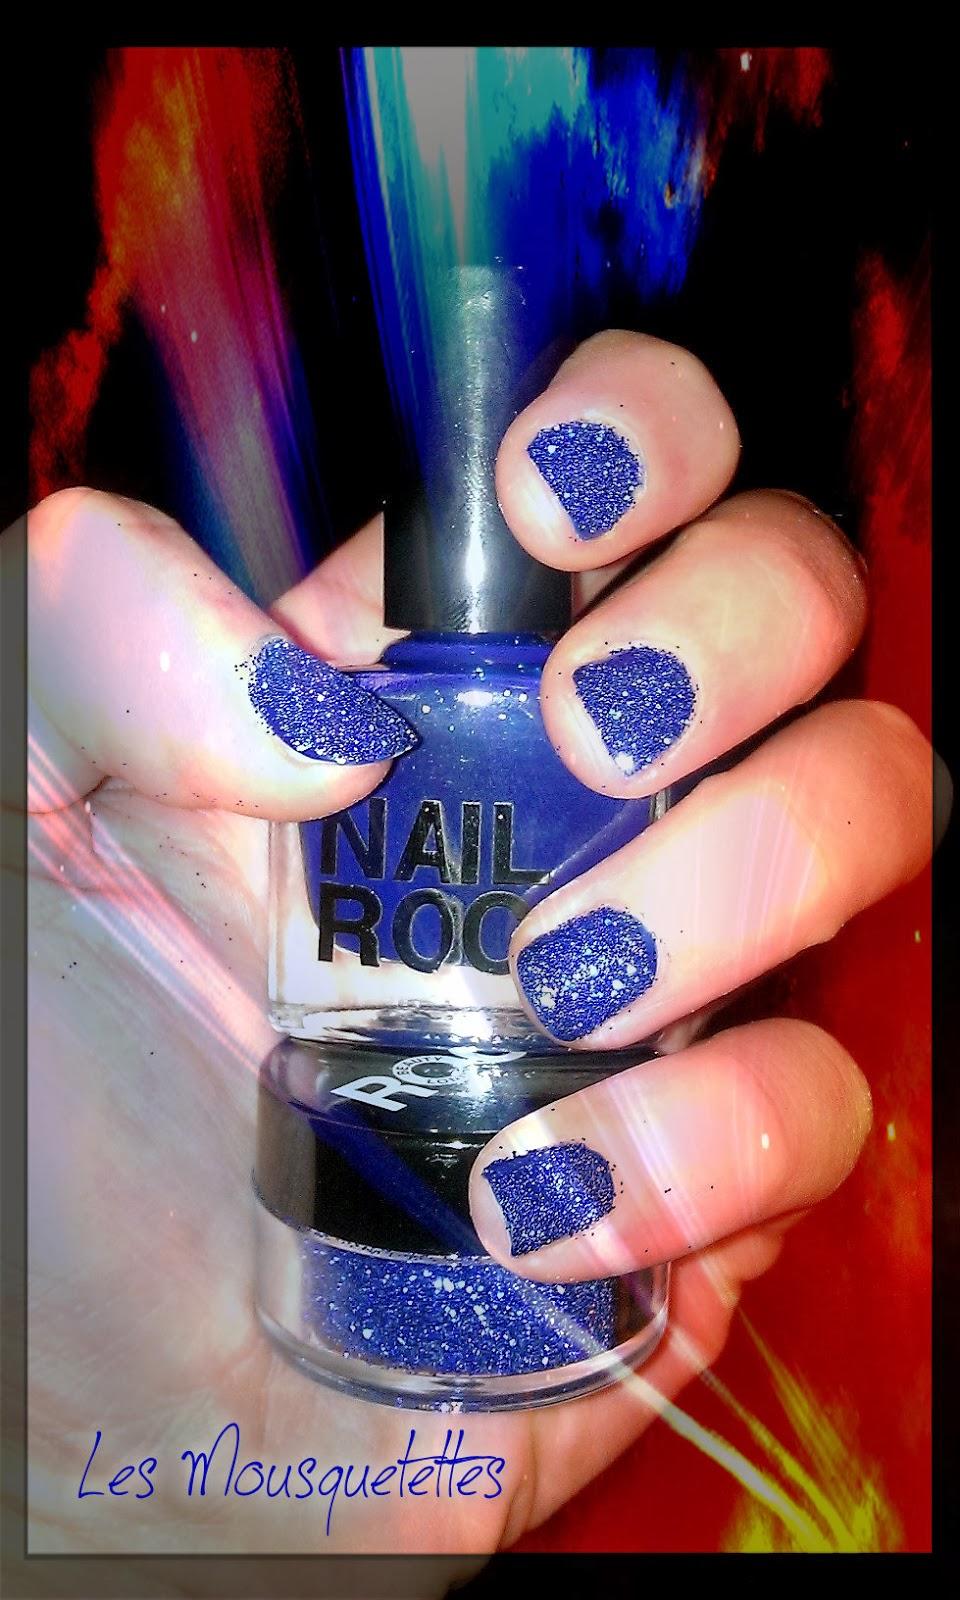 Vernis Nail Rock Glitter Blue paillettes - Les Mousquetettes©